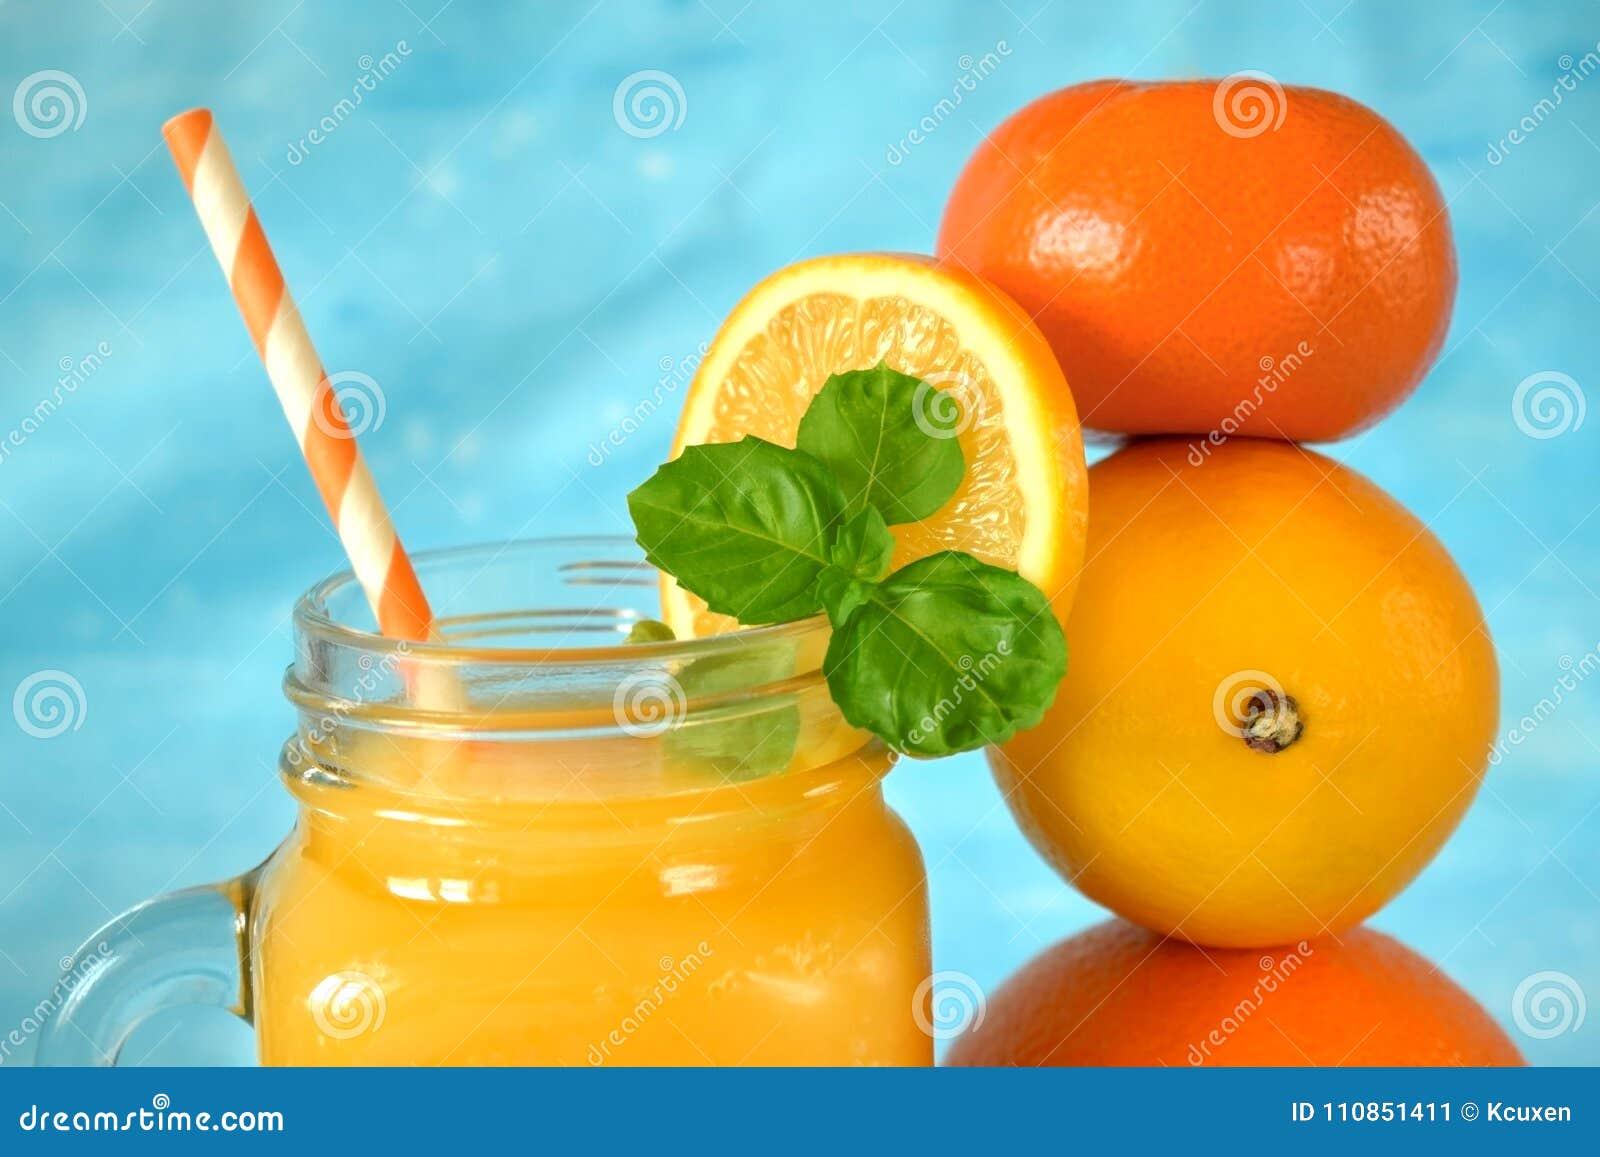 Pomarańcze, cytryna, mandarynka i koloru żółtego sok w szklanym słoju,